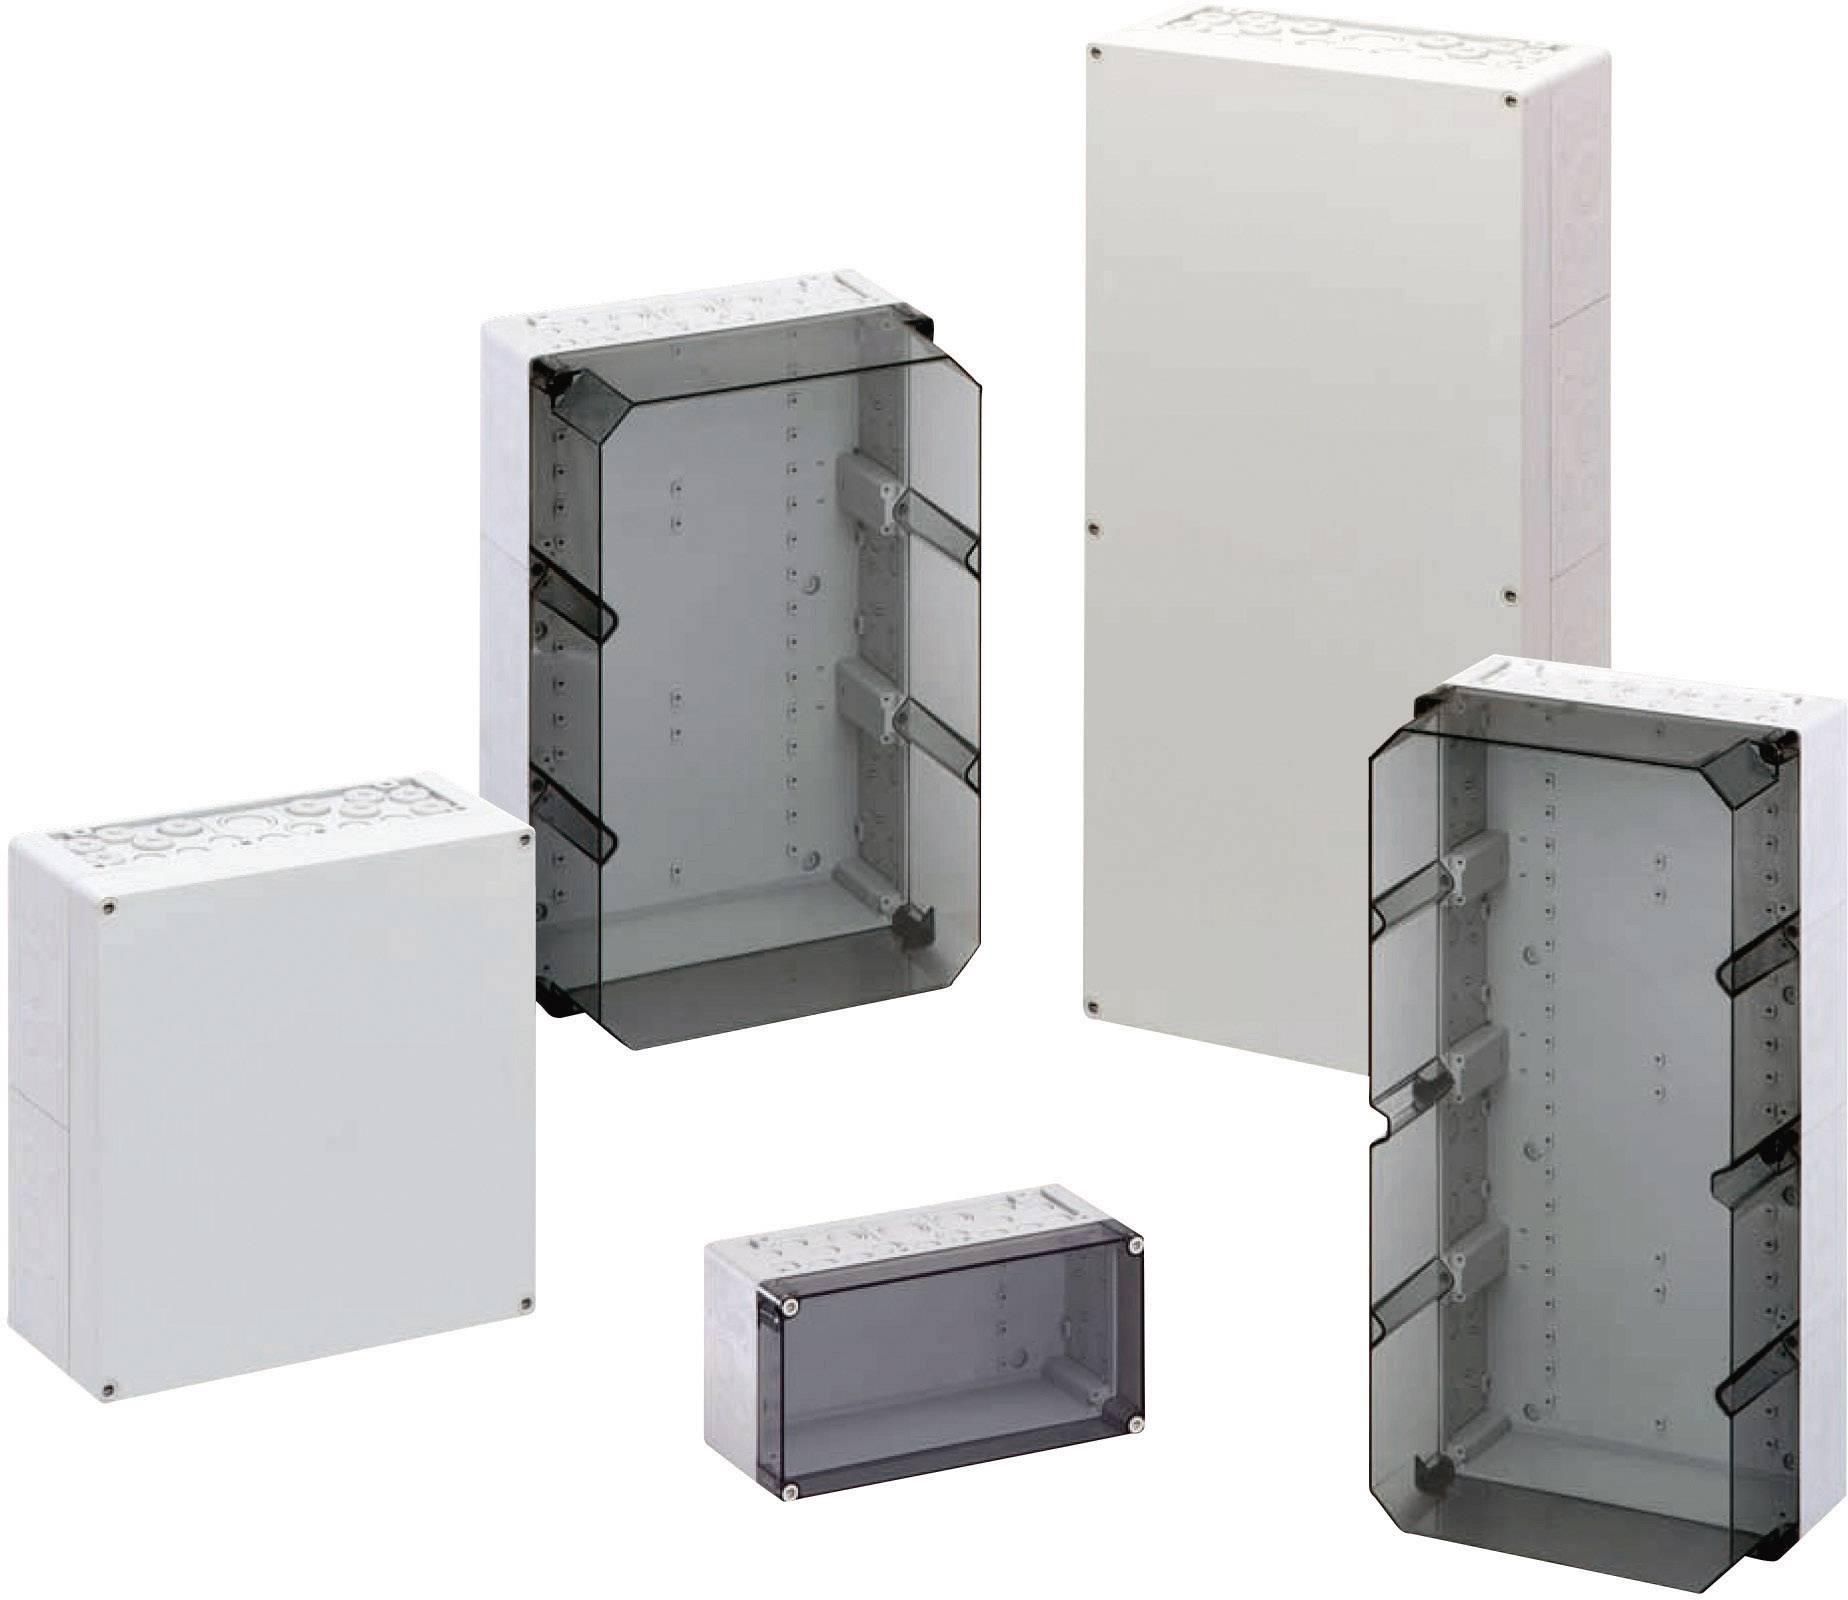 Svorkovnicová skříň polykarbonátová Spelsberg AKi 3-th, (d x š x v) 300 x 450 x 210 mm, šedá